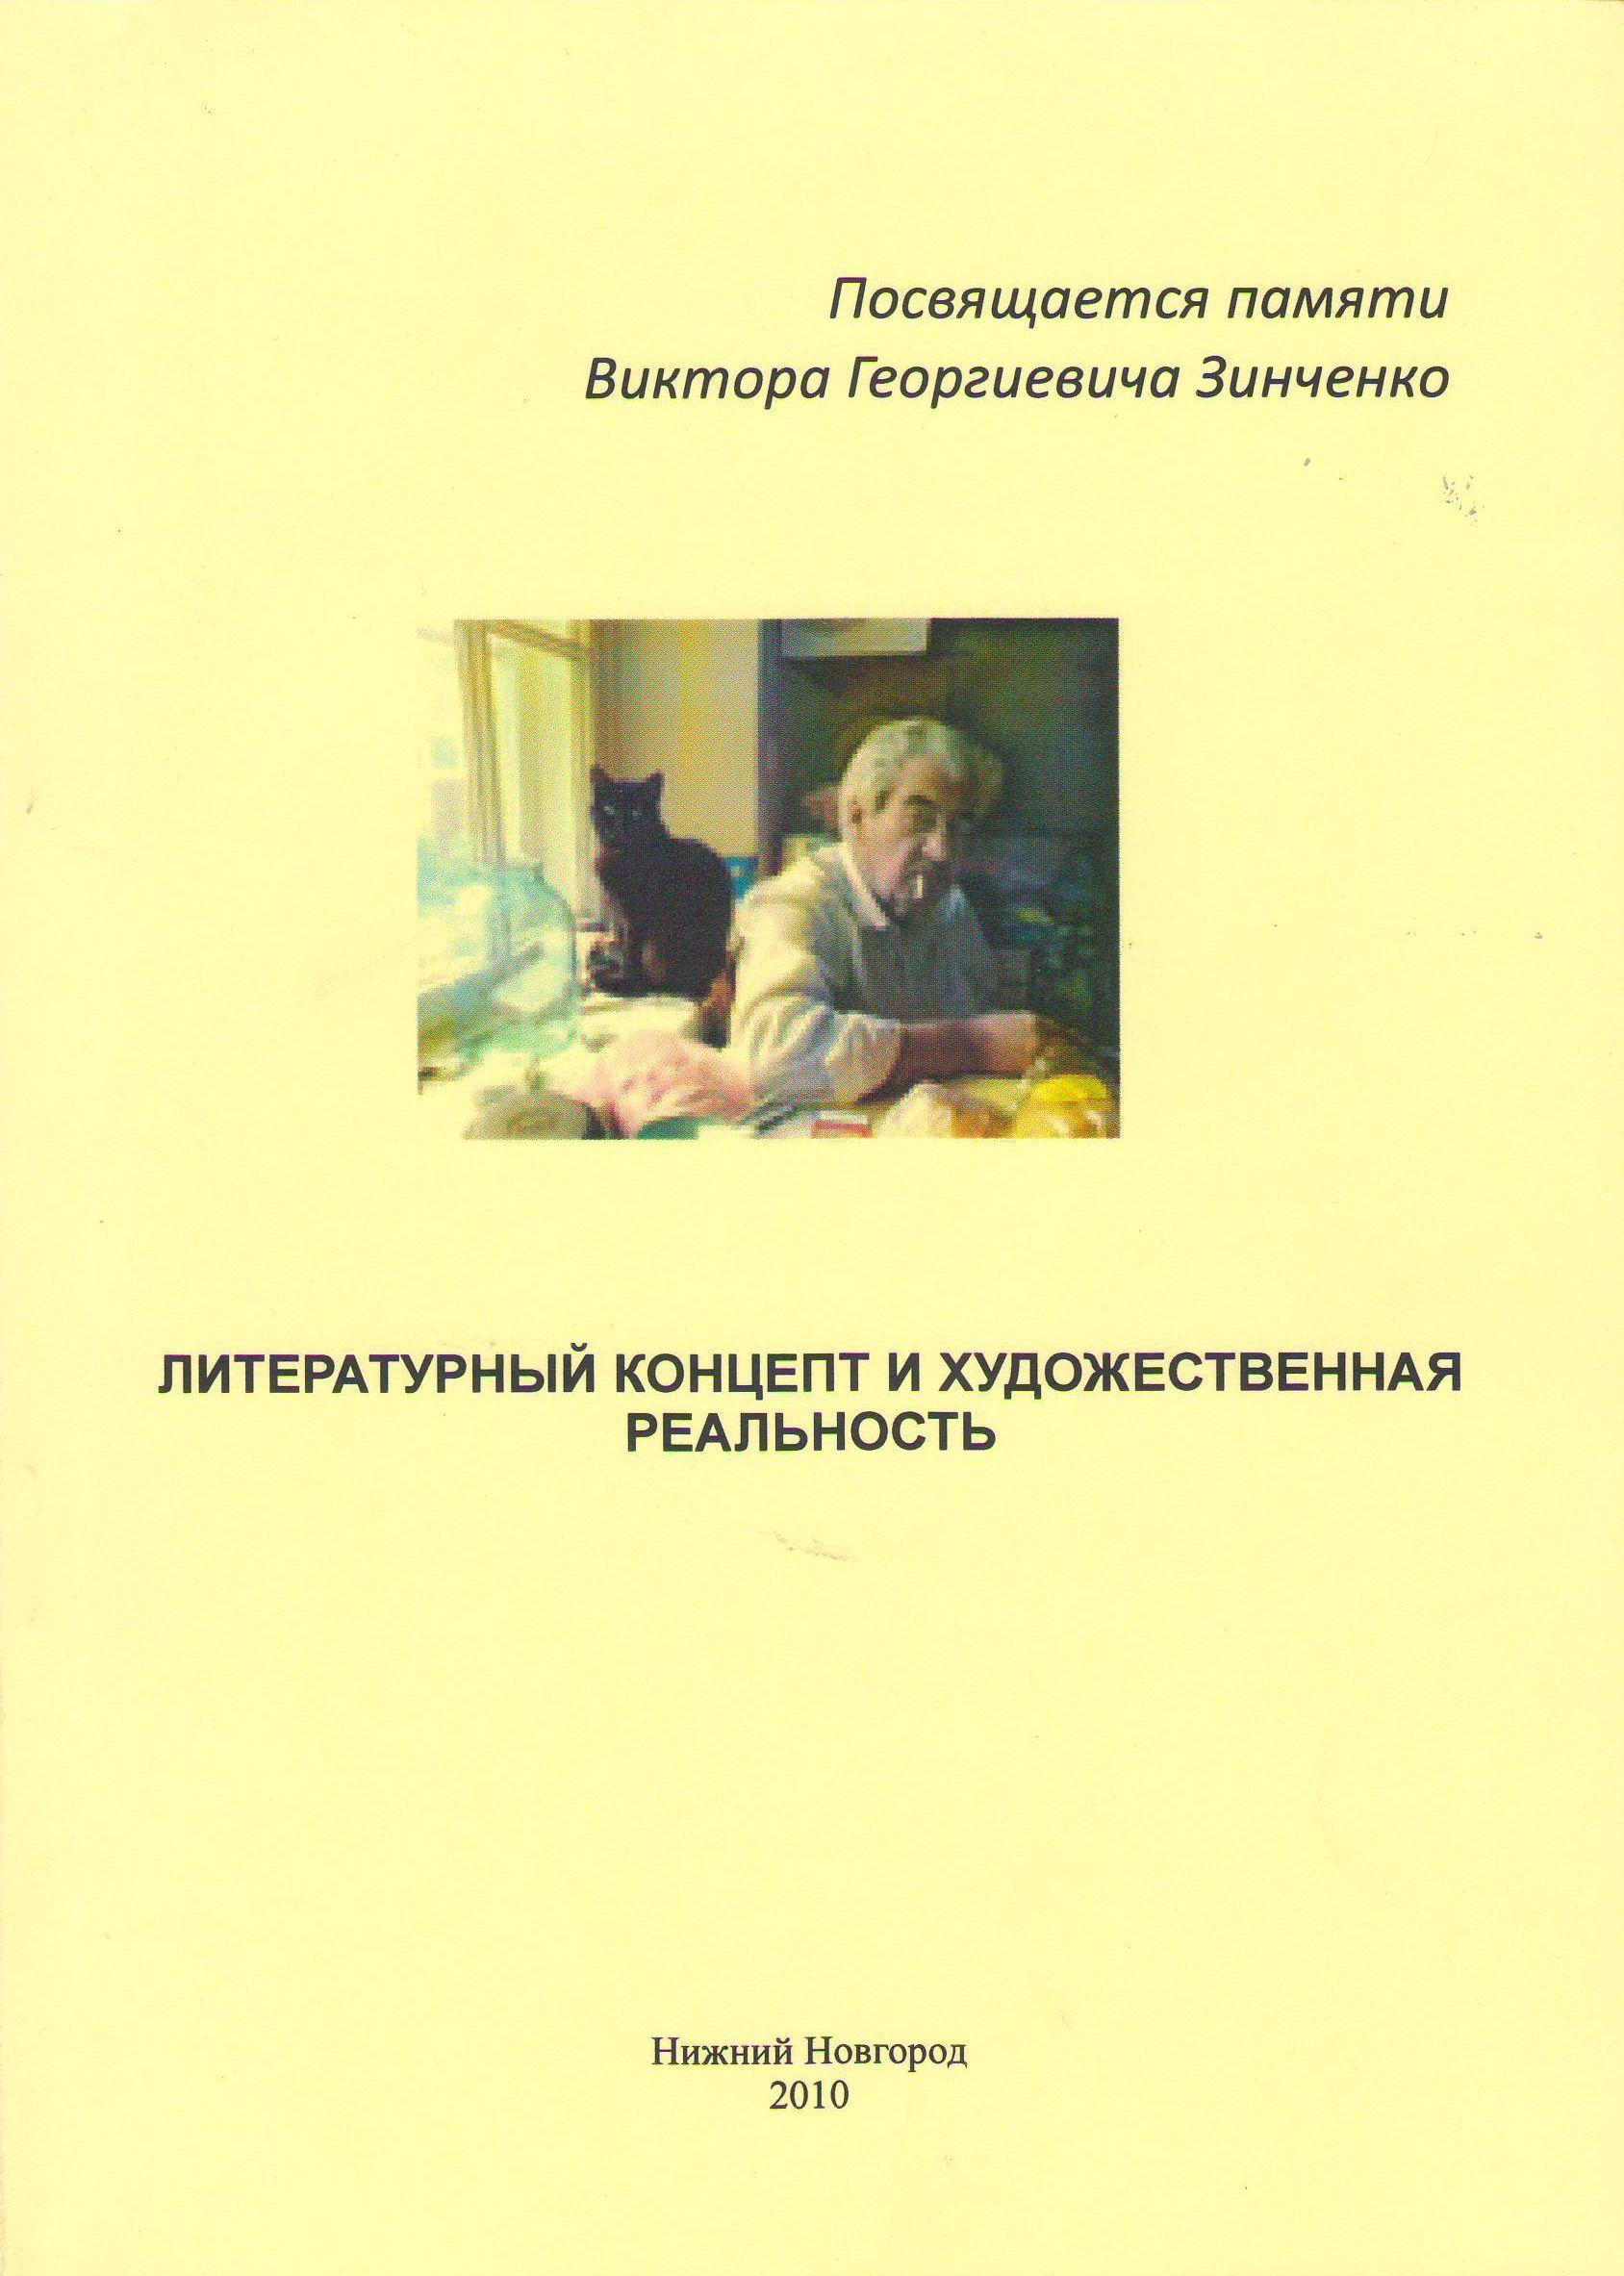 Издательская информация на обложках книг как аспект рецепции и акт межкультурной коммуникации